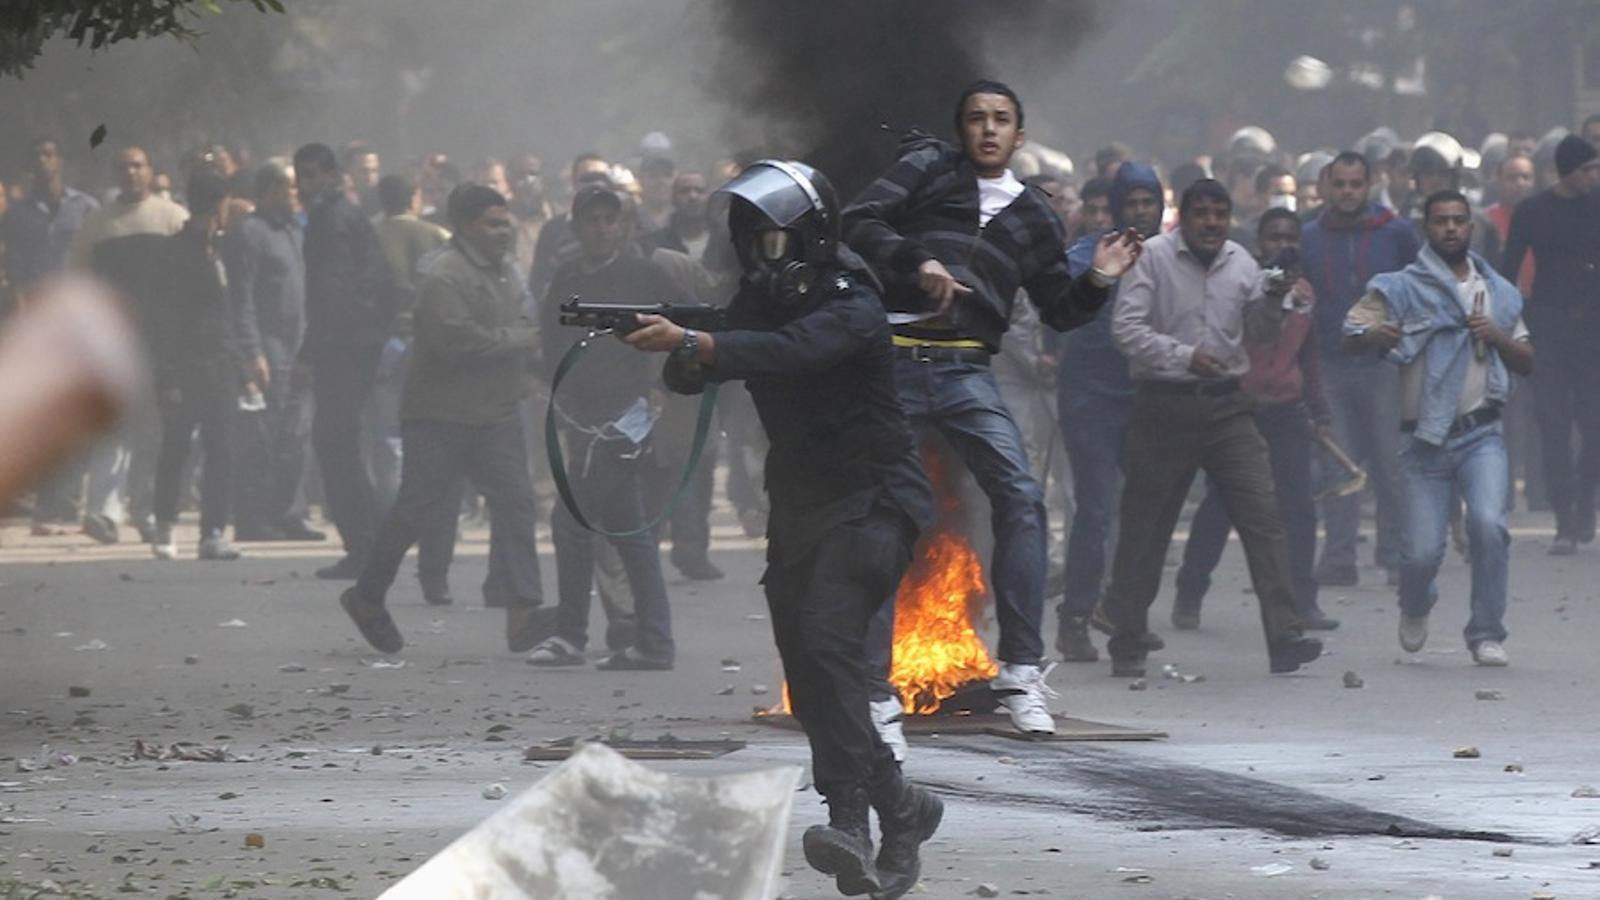 La policia egípcia reprimeix els manifestants a la plaça Tahrir